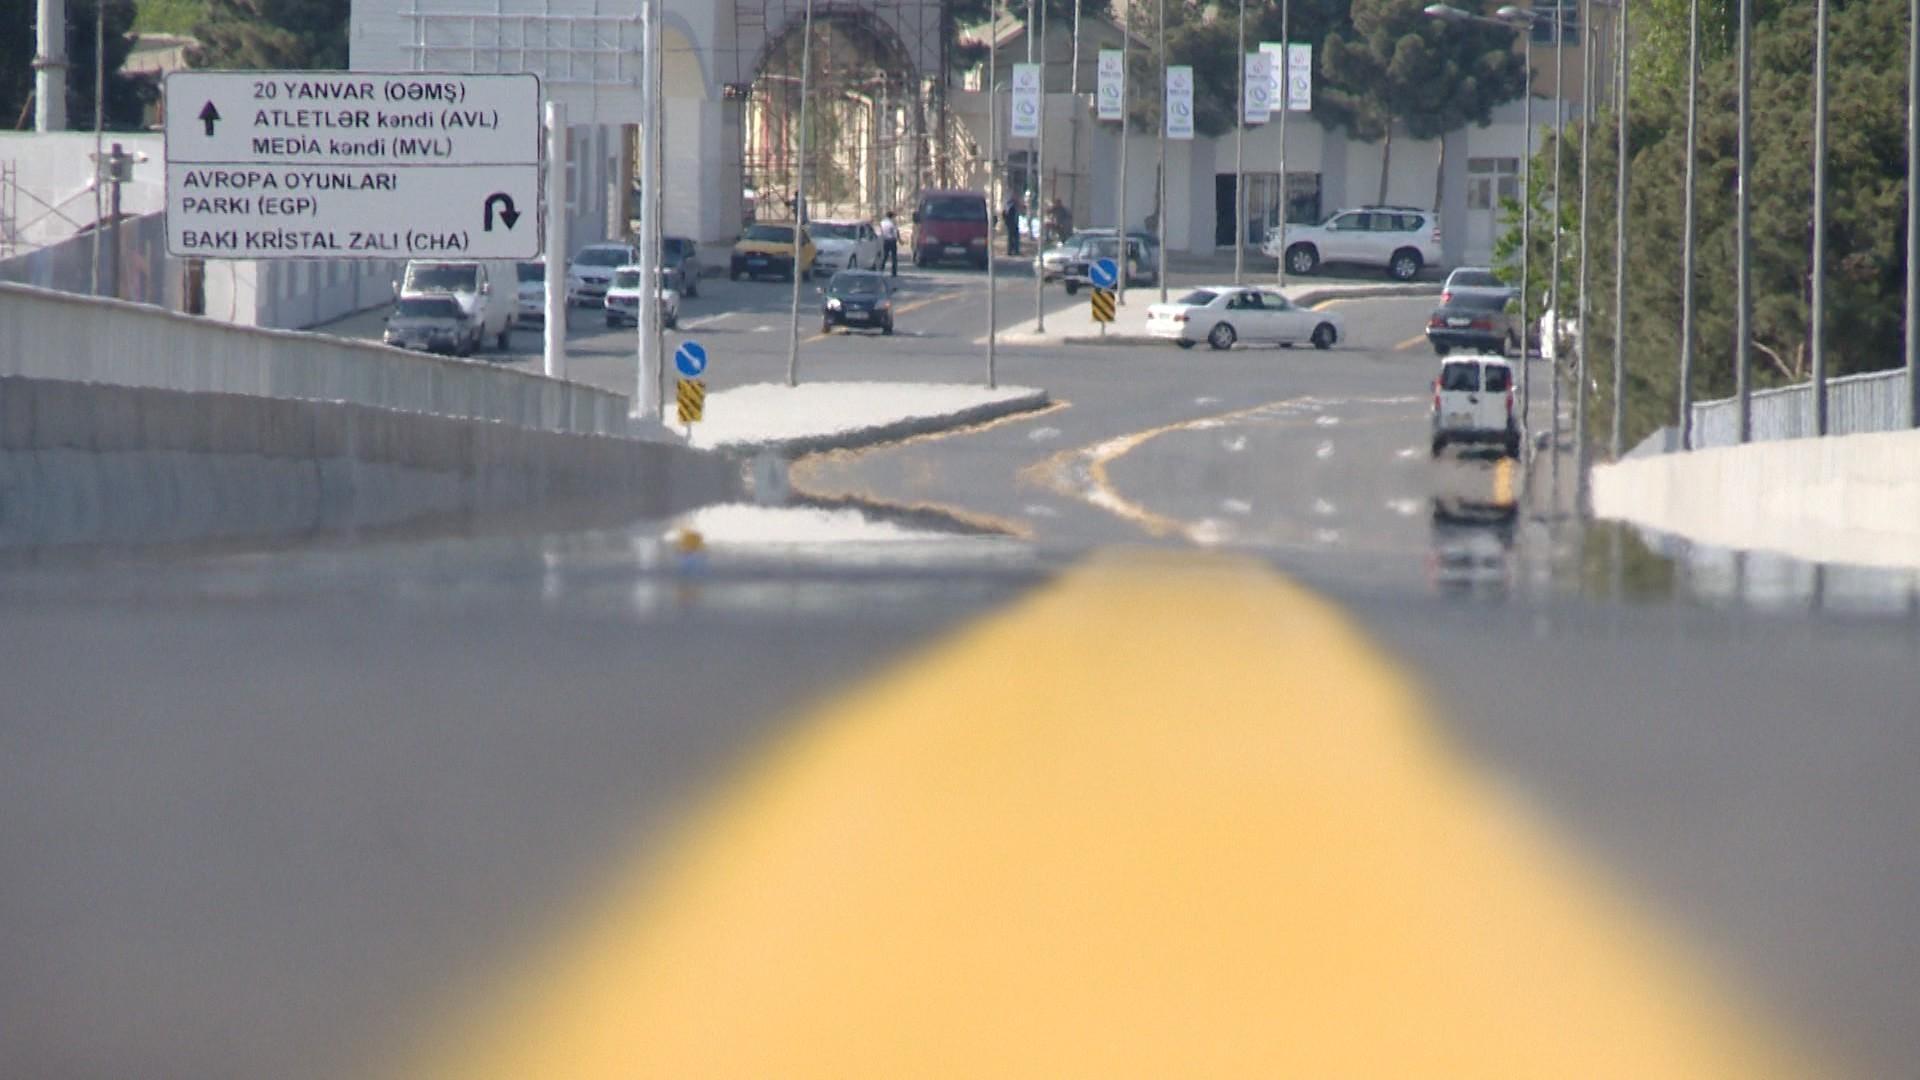 Названы дороги Баку, на которых автобусам и оперативным службам выделяются отдельные полосы – СПИСОК